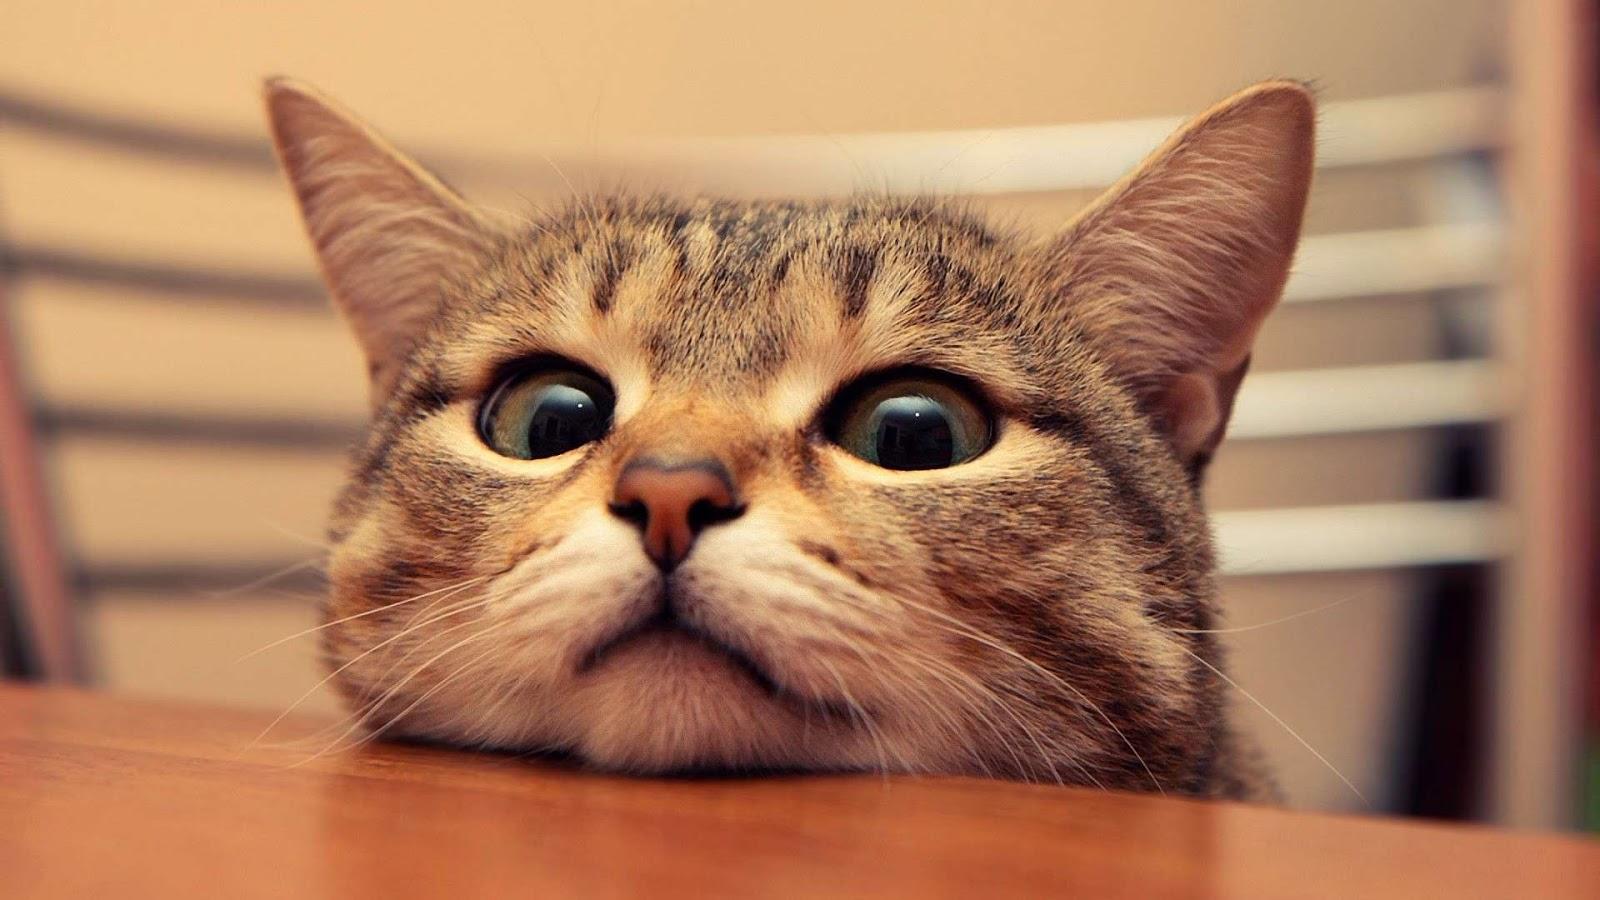 http://2.bp.blogspot.com/-XLhp9wY1cyo/UWGOvlvKMRI/AAAAAAAAArQ/-x8_7n4-xSU/s1600/Funny+Grumpy+Cat+HD+Wall+Wallpapers.jpg